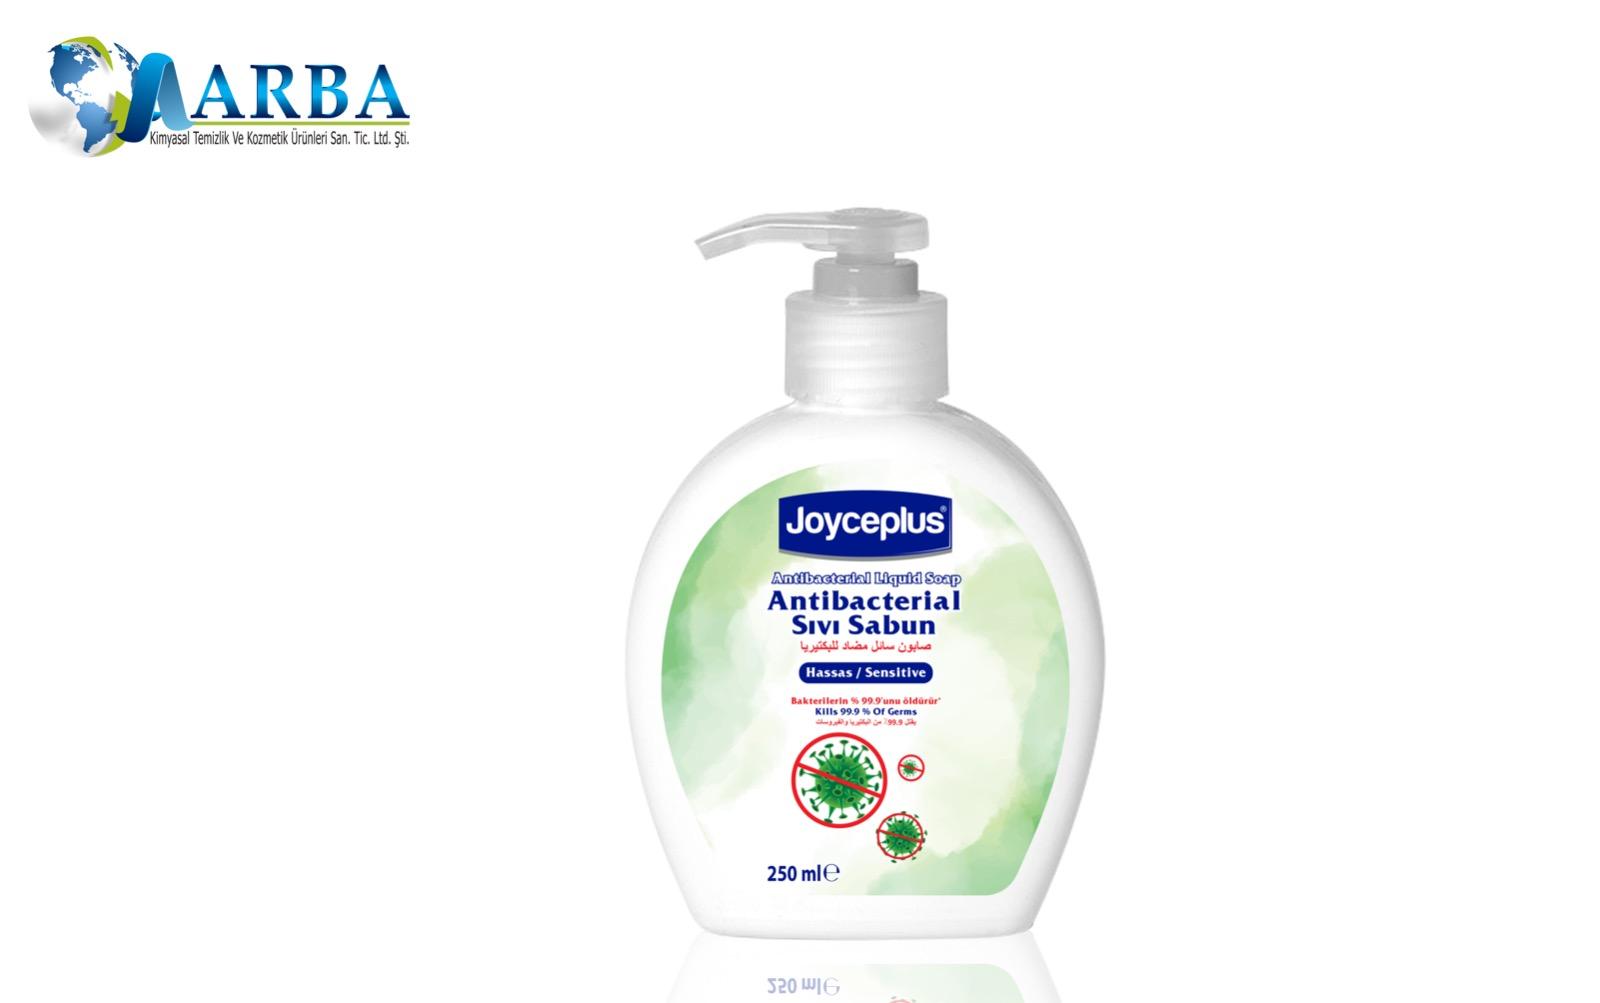 Savon liquide pour les mains antibactérien Dizenfectant, 250 ml